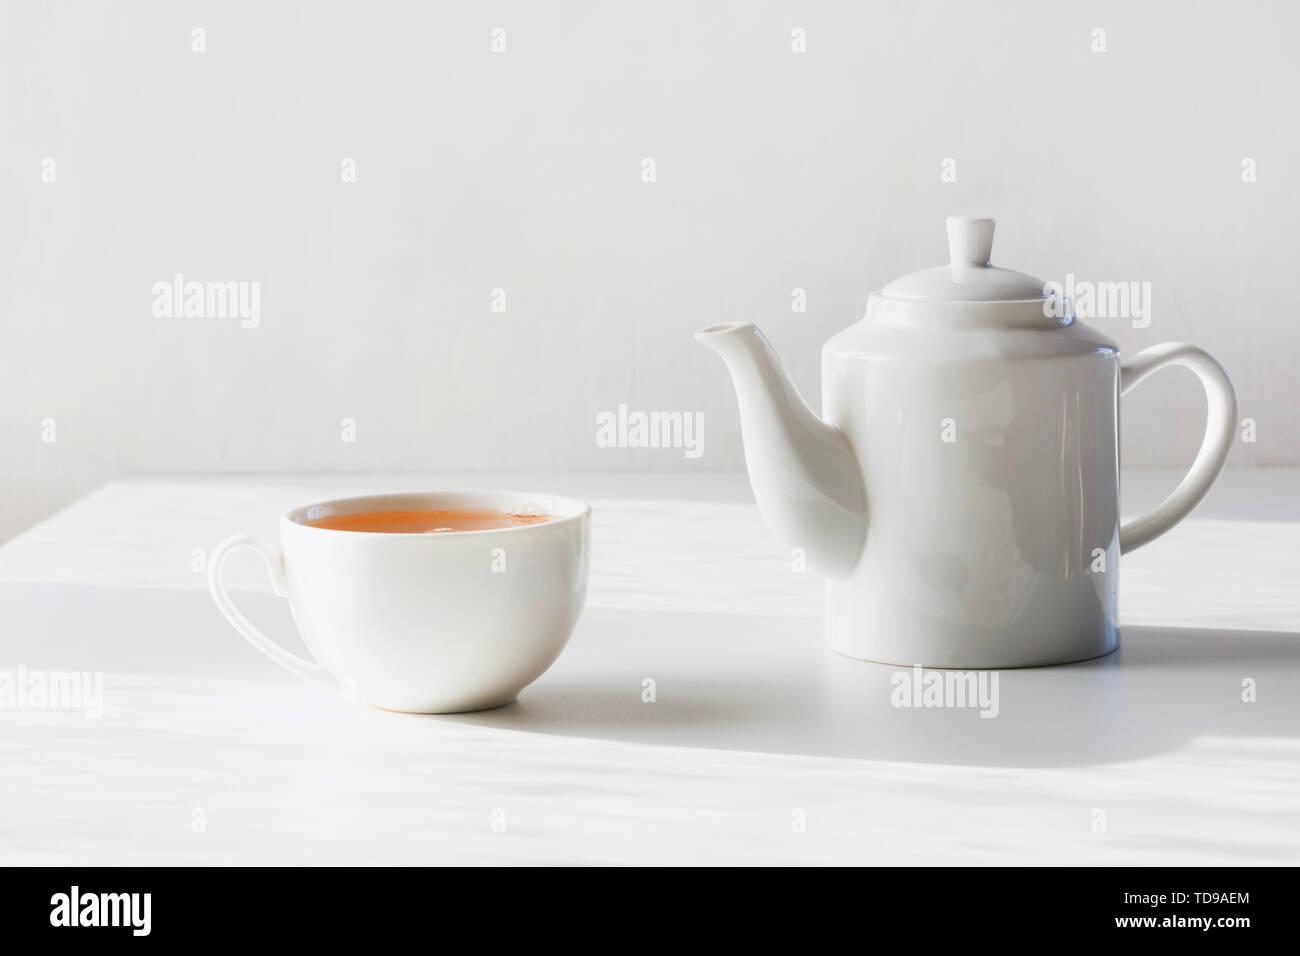 Zeit für Tee. Satz von Schale und Teekanne auf Weiß. Minimale Zusammensetzung. Close Up. Stockbild